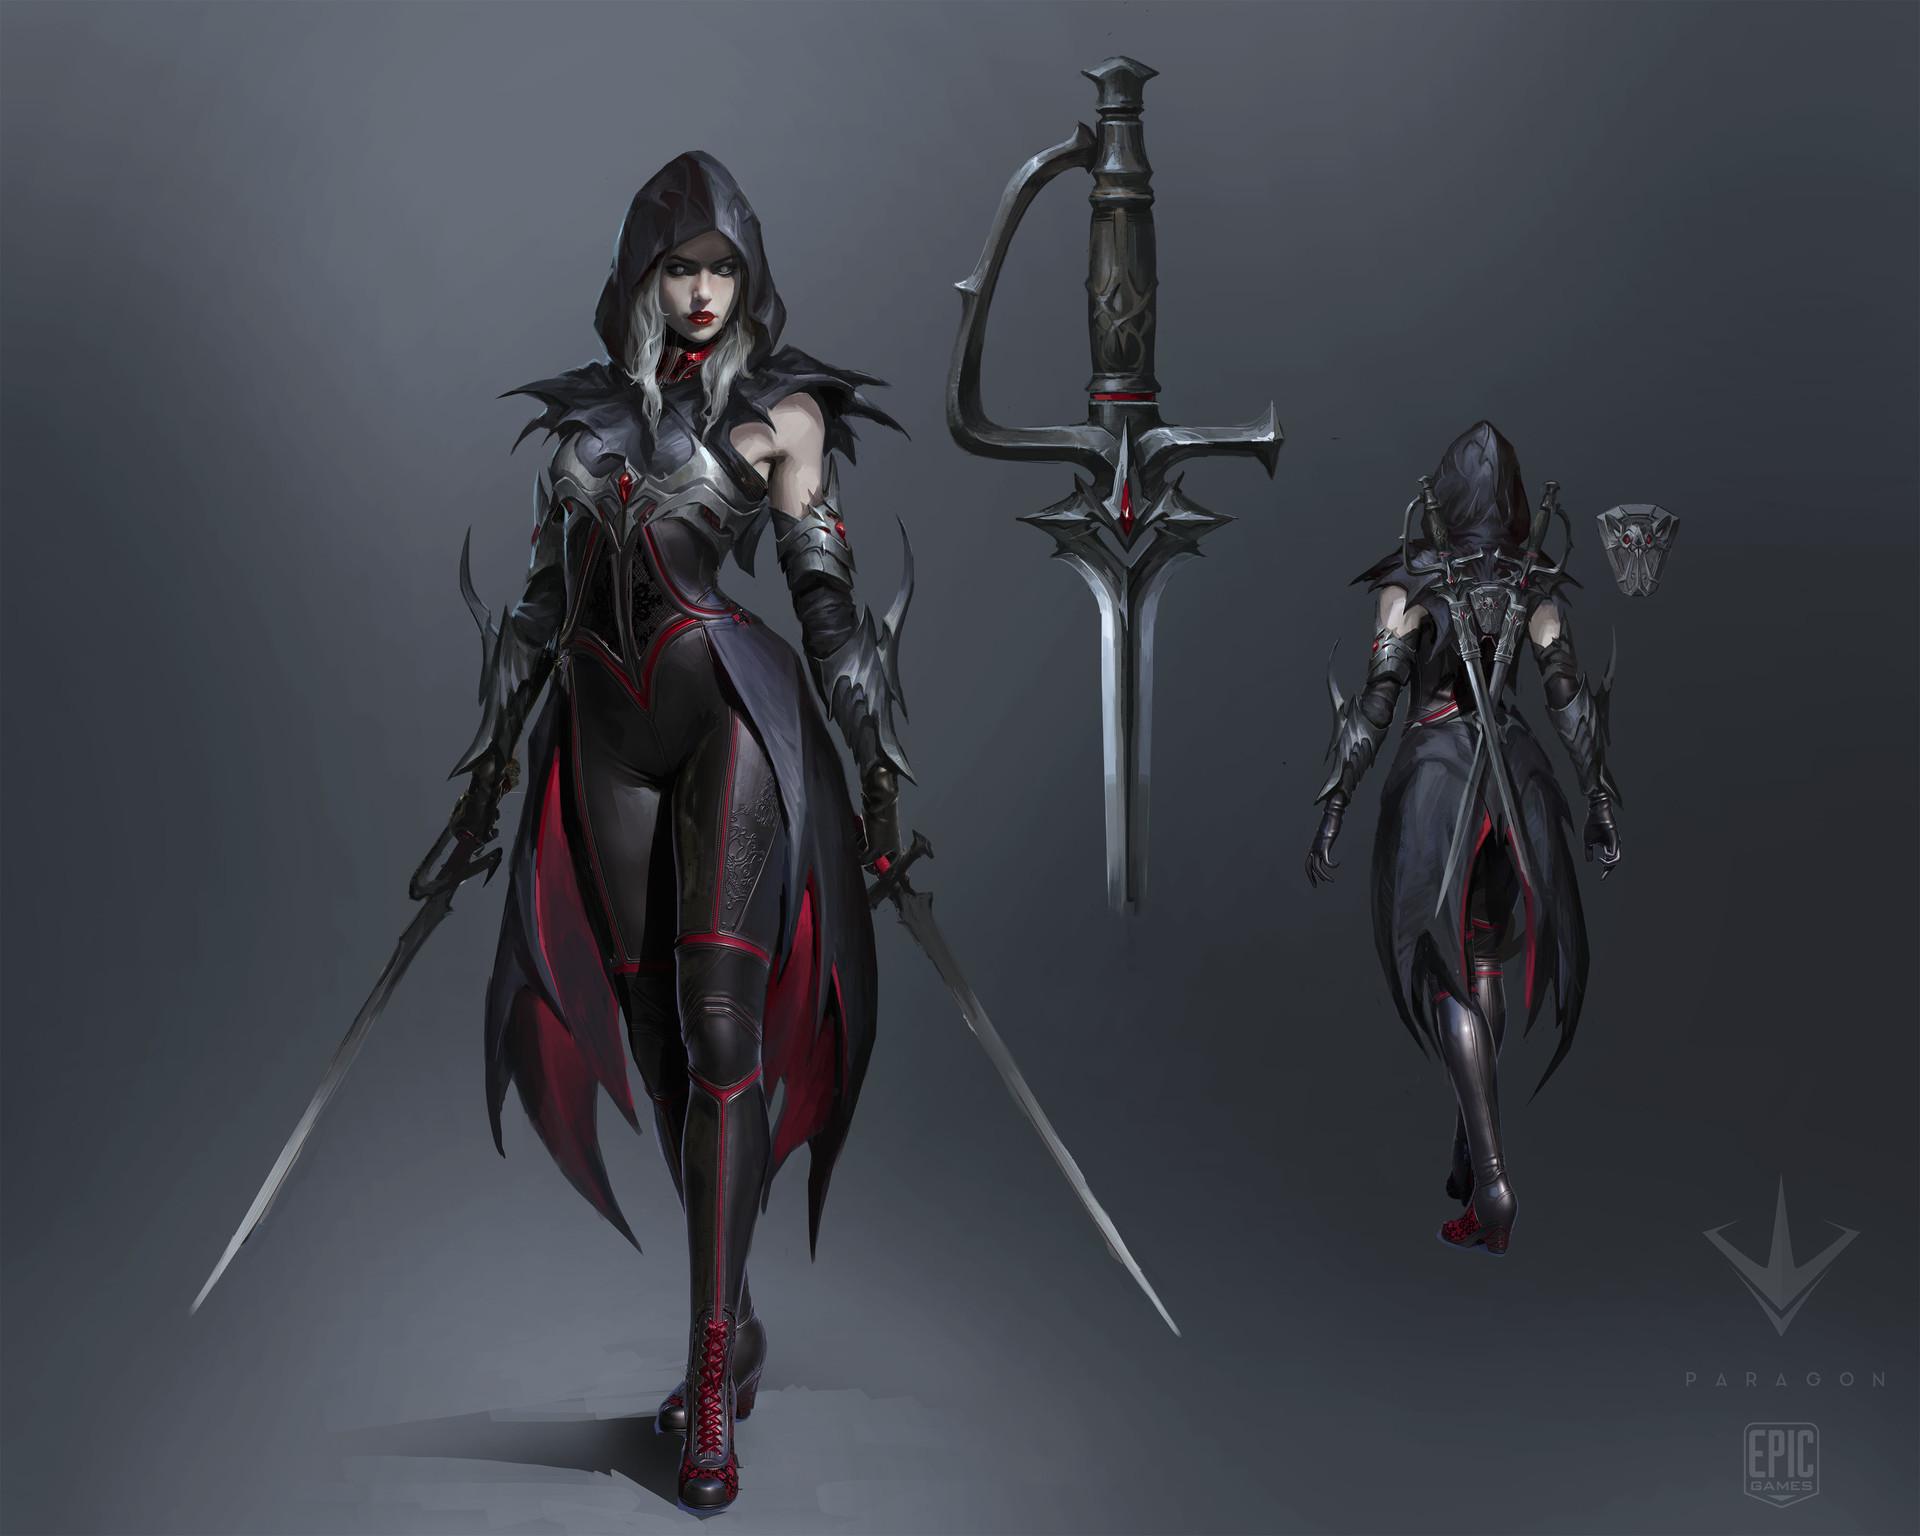 17.Countess vampire rogue